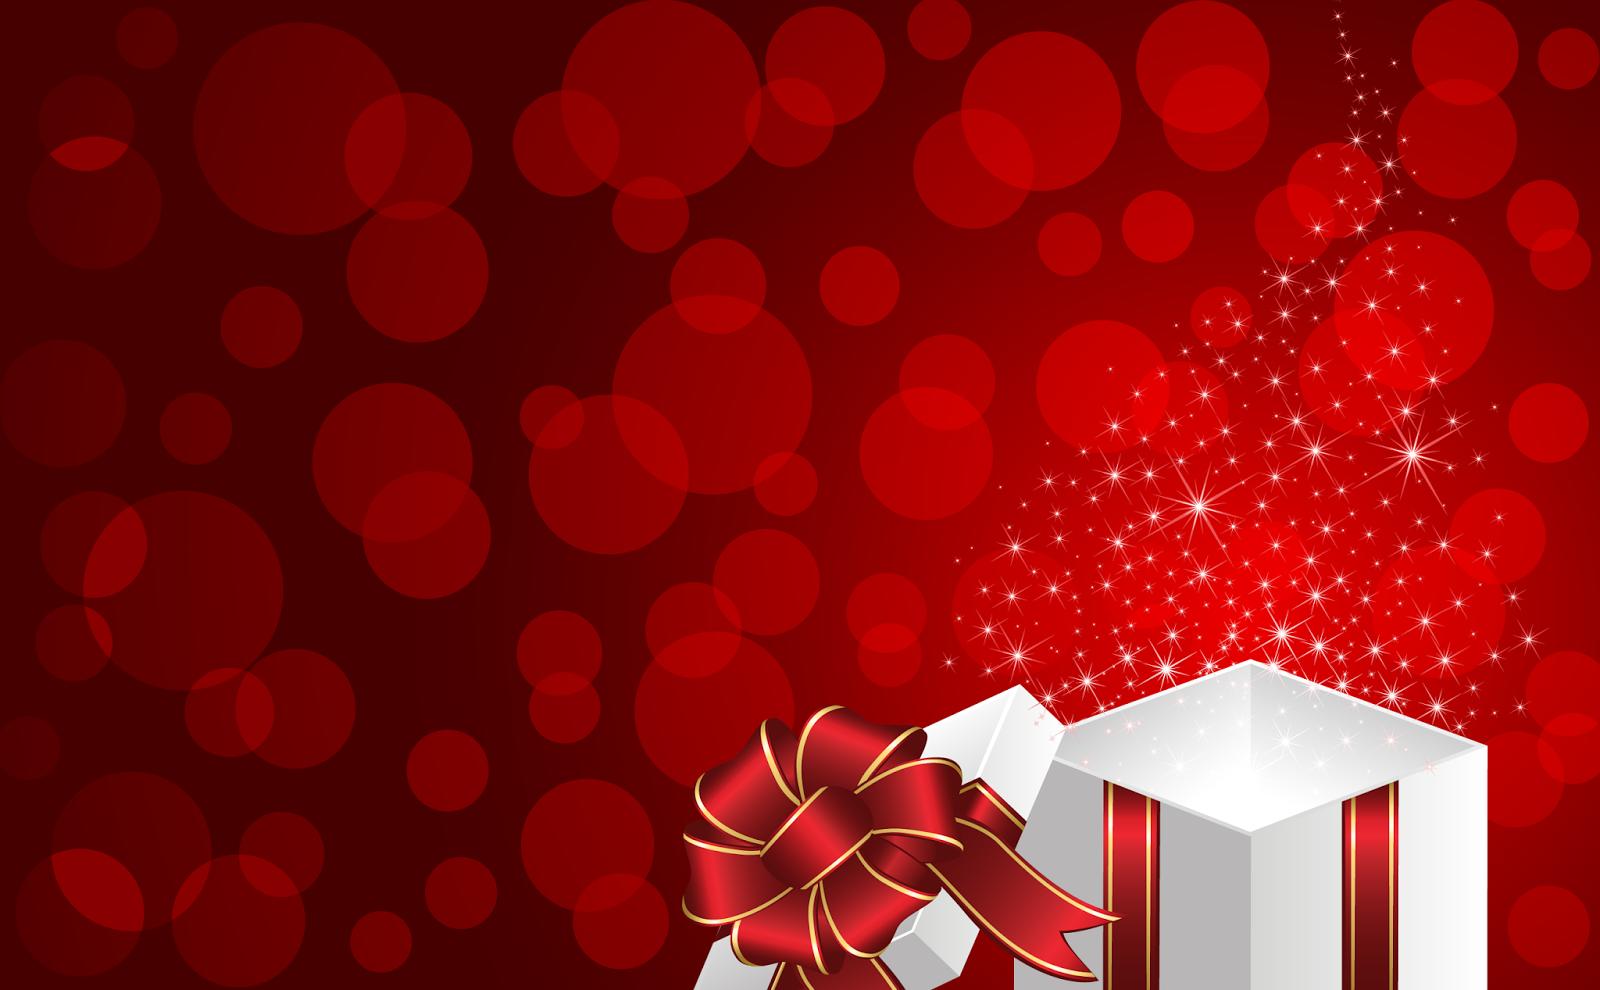 Tarjetas De Navidad Para Descargarimágenes Para Descargar: Imagenes De Tarjetas De Navidad Para Imprimir